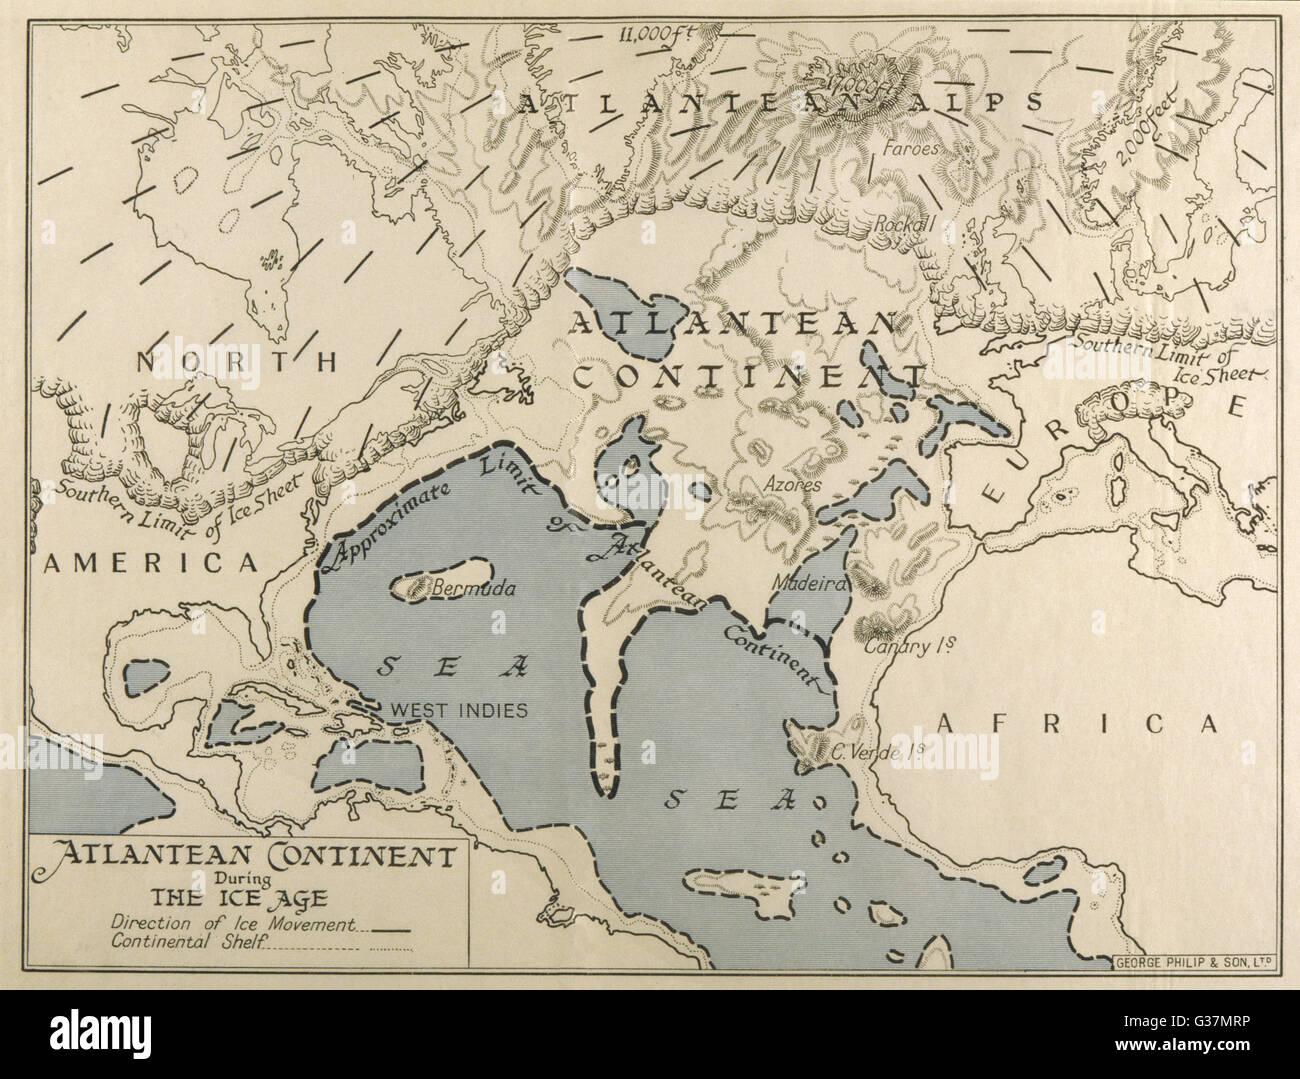 Karte des Atlantischen Kontinents zeigen das Ausmaß der Eiszeit.        Datum: 1933 Stockbild